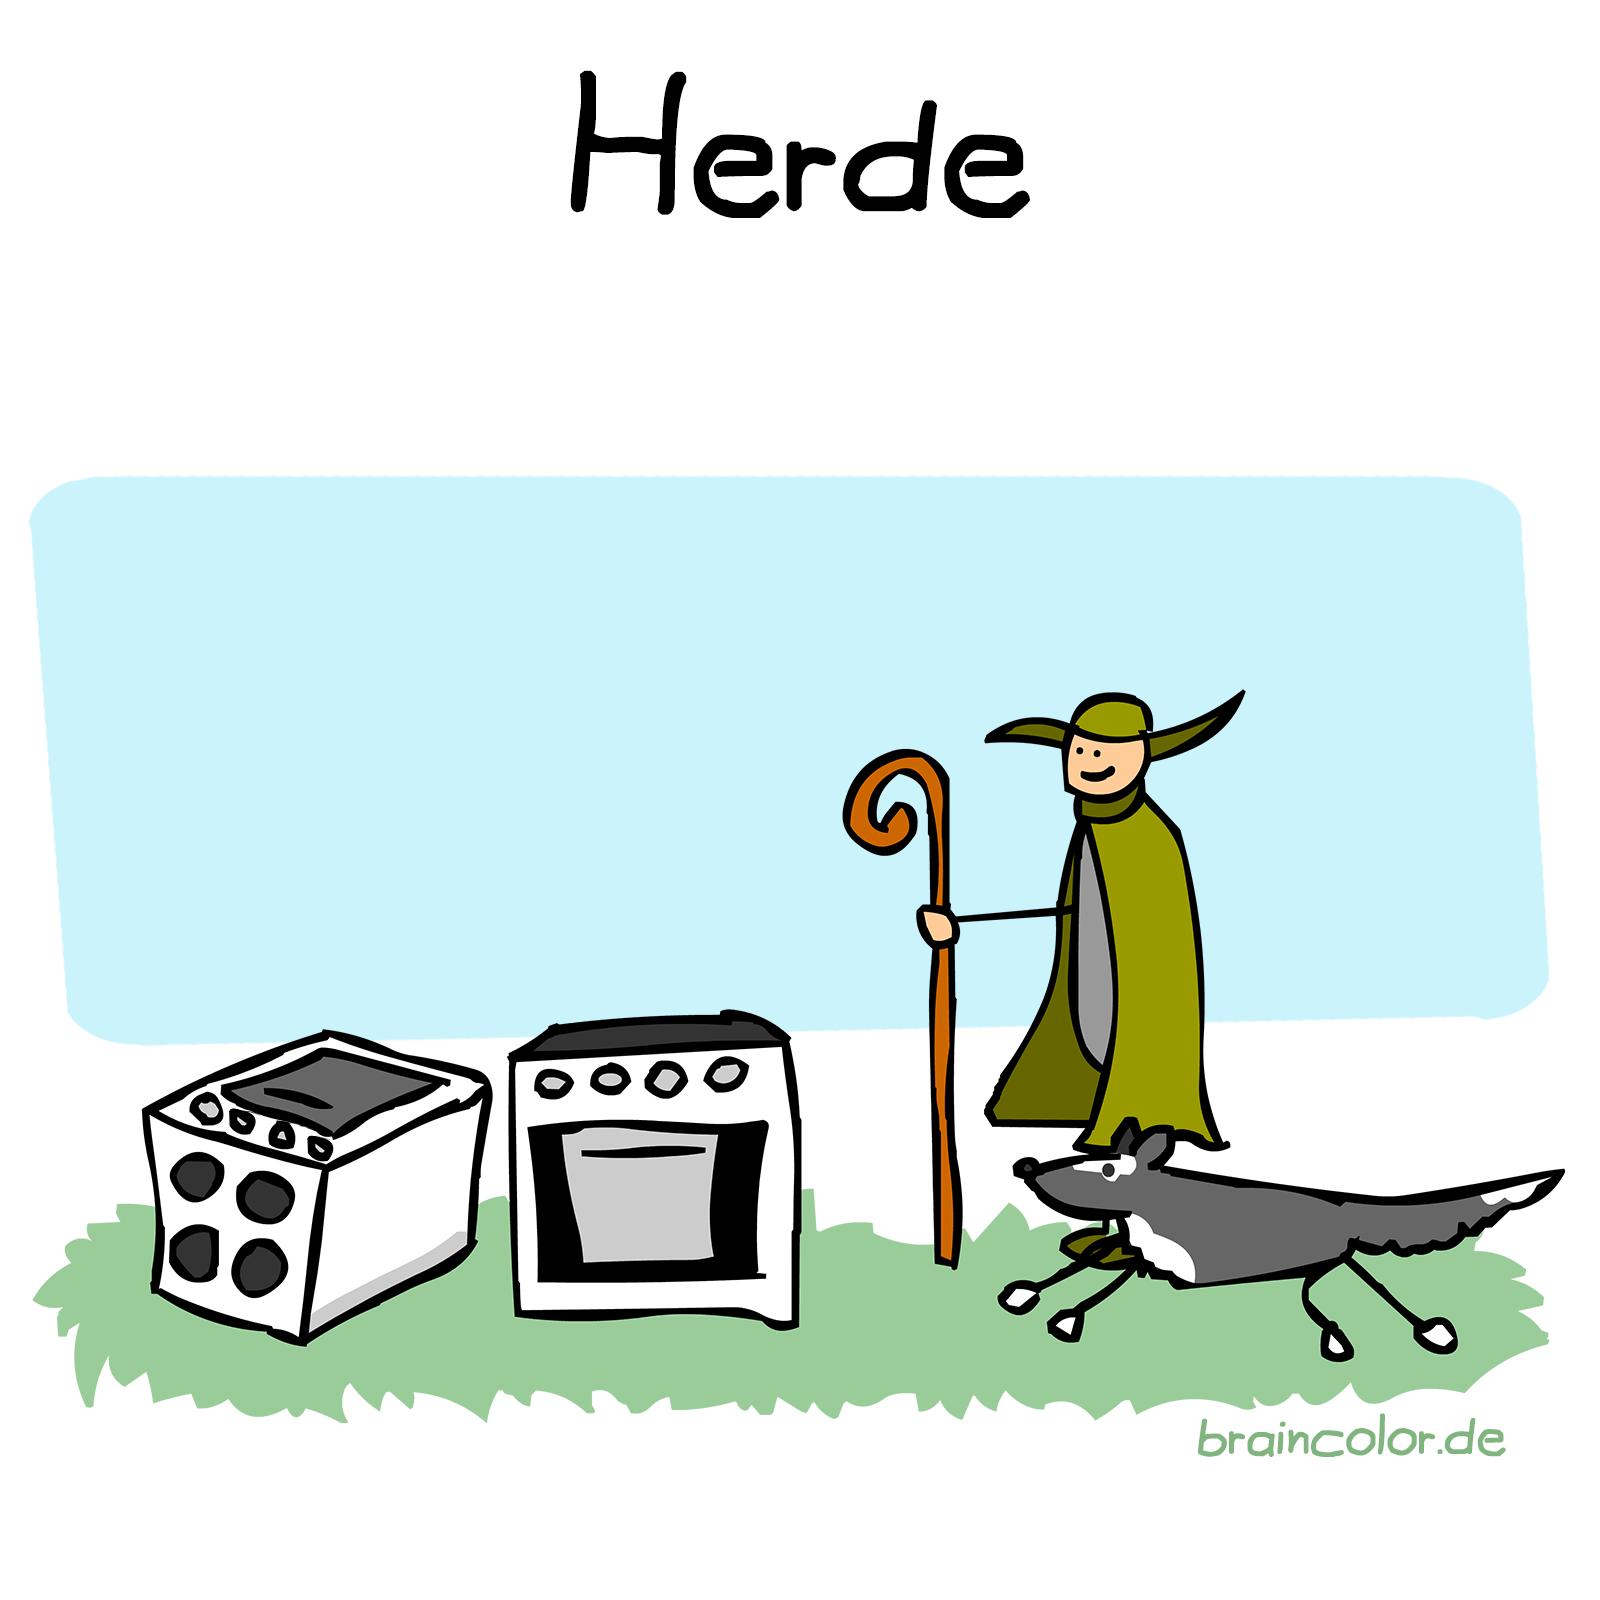 Herde